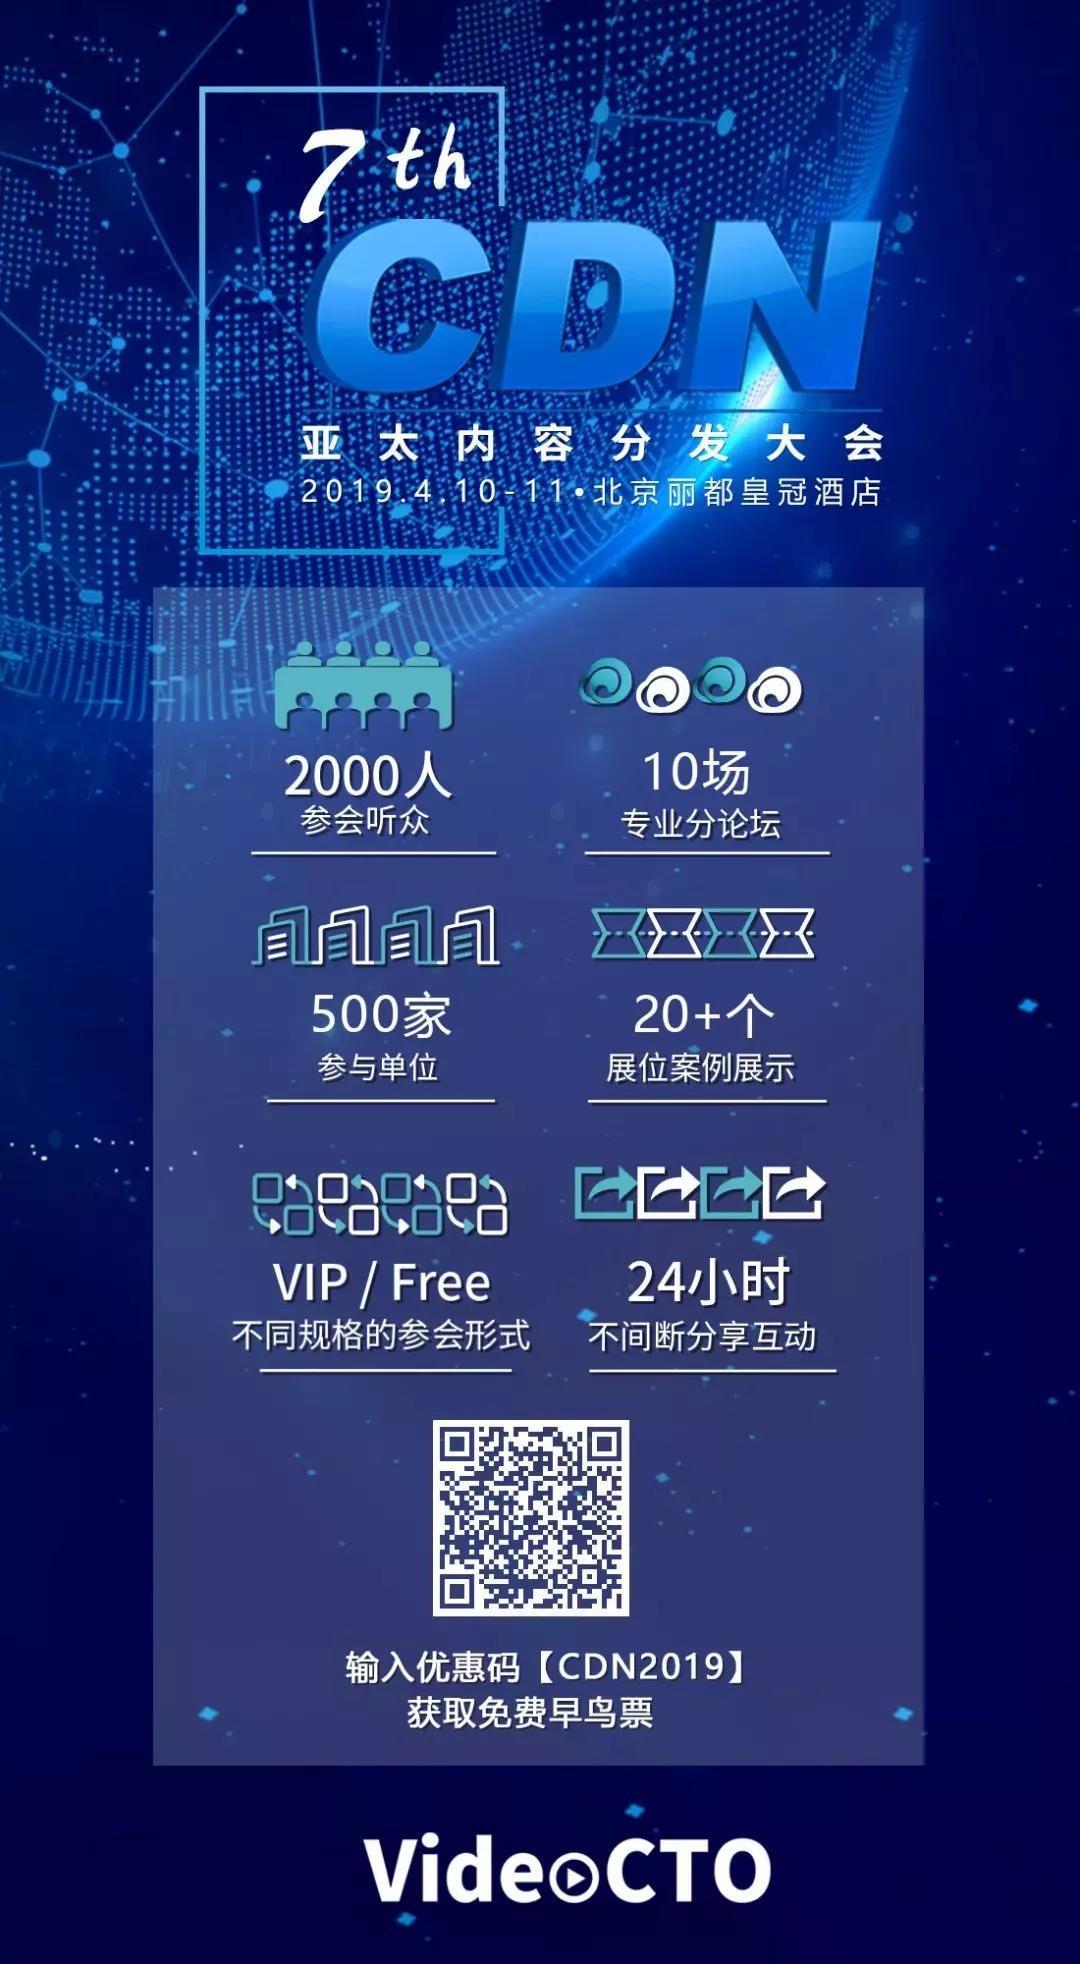 上海电信自主研发新型SDN<font color=